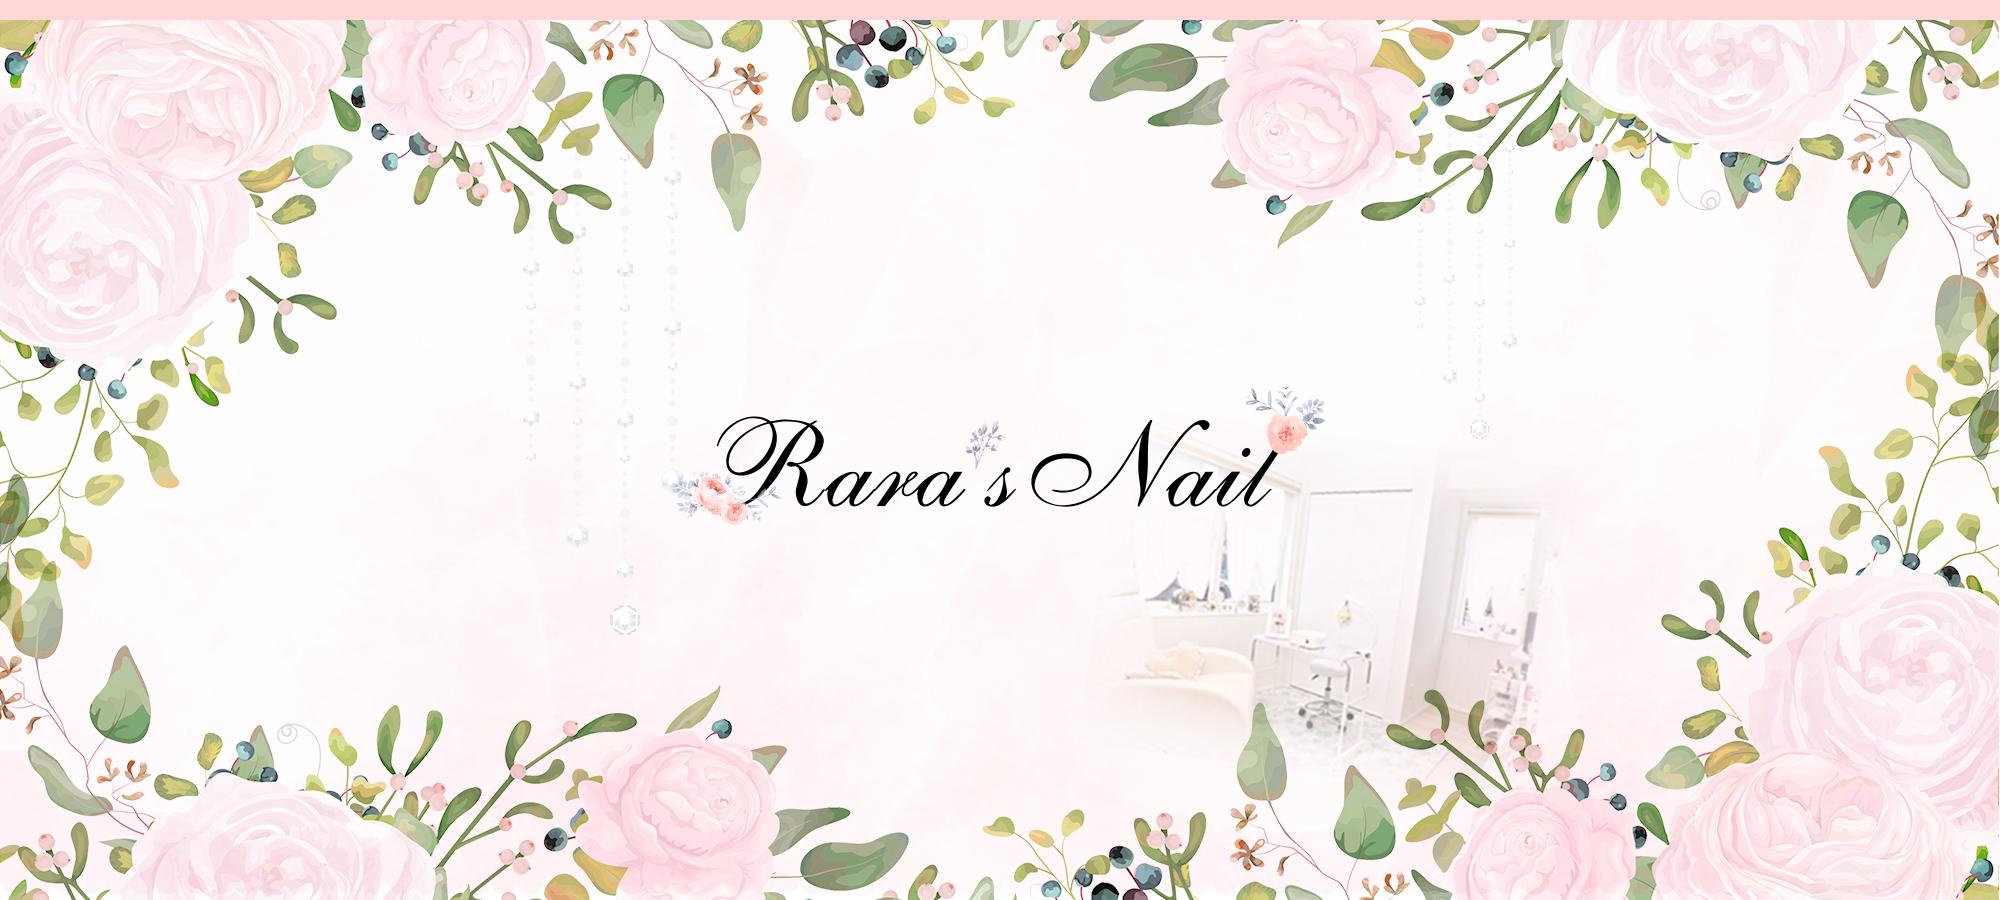 Rara's Nail